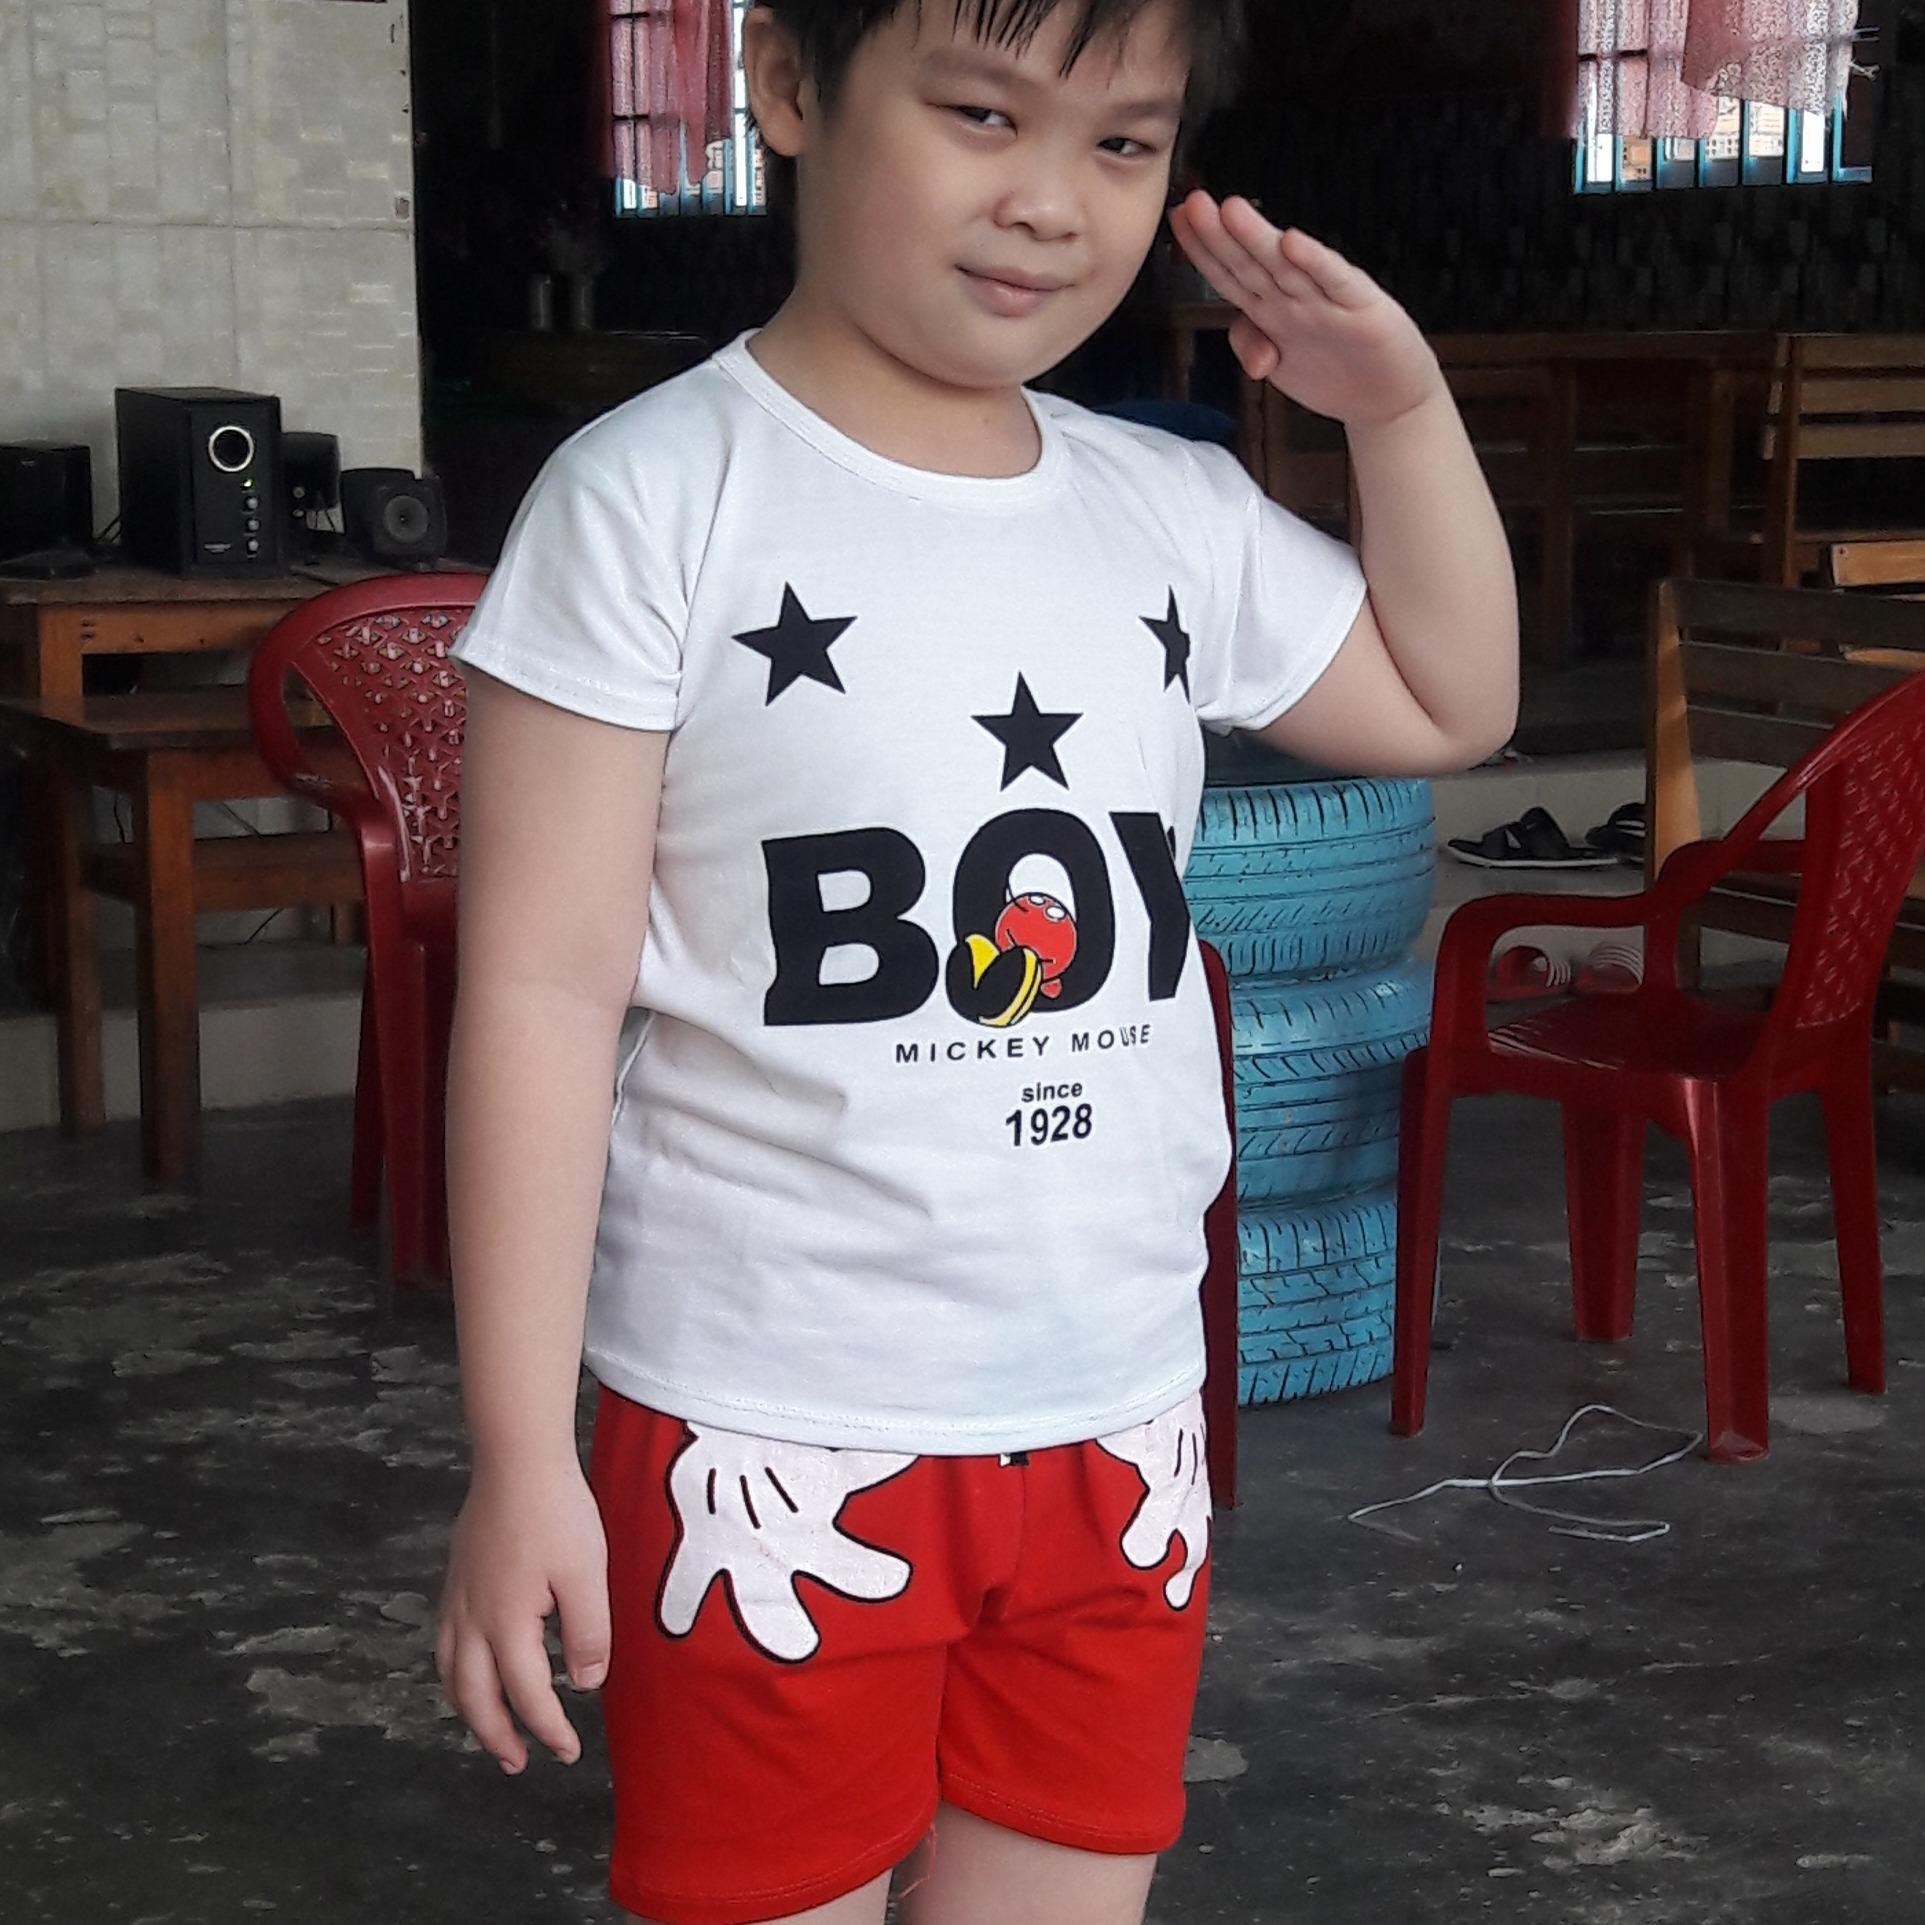 Bộ thun cotton boy( Trắng- Đen) bé trai từ 18kg đến 35kg